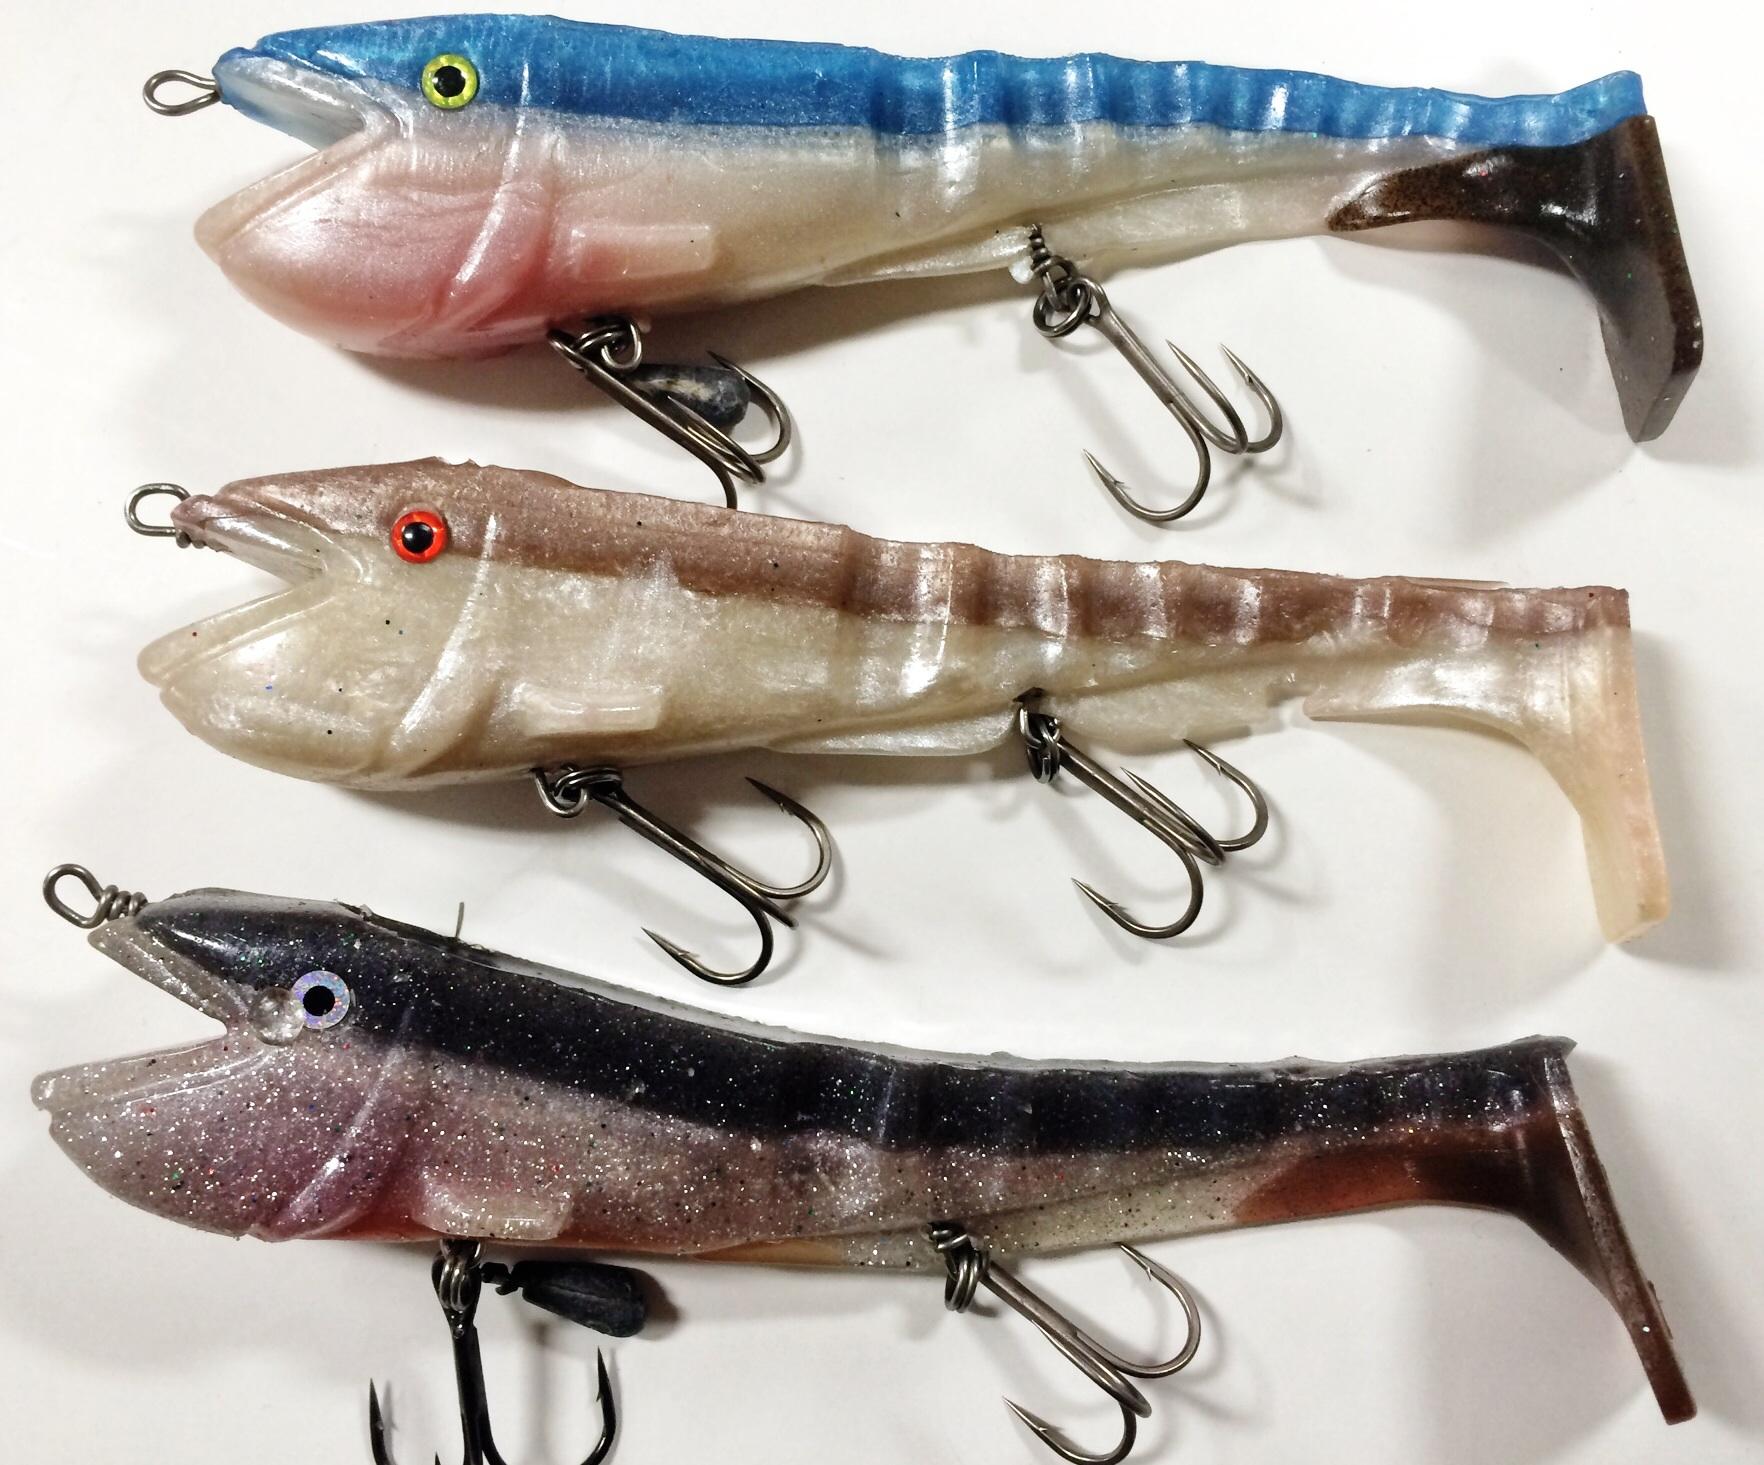 Mina egna Lupus som kommer fiskas ganska högt upp i vattnet. Det trycker mycket vatten och är bred så den kommer synas underifrån